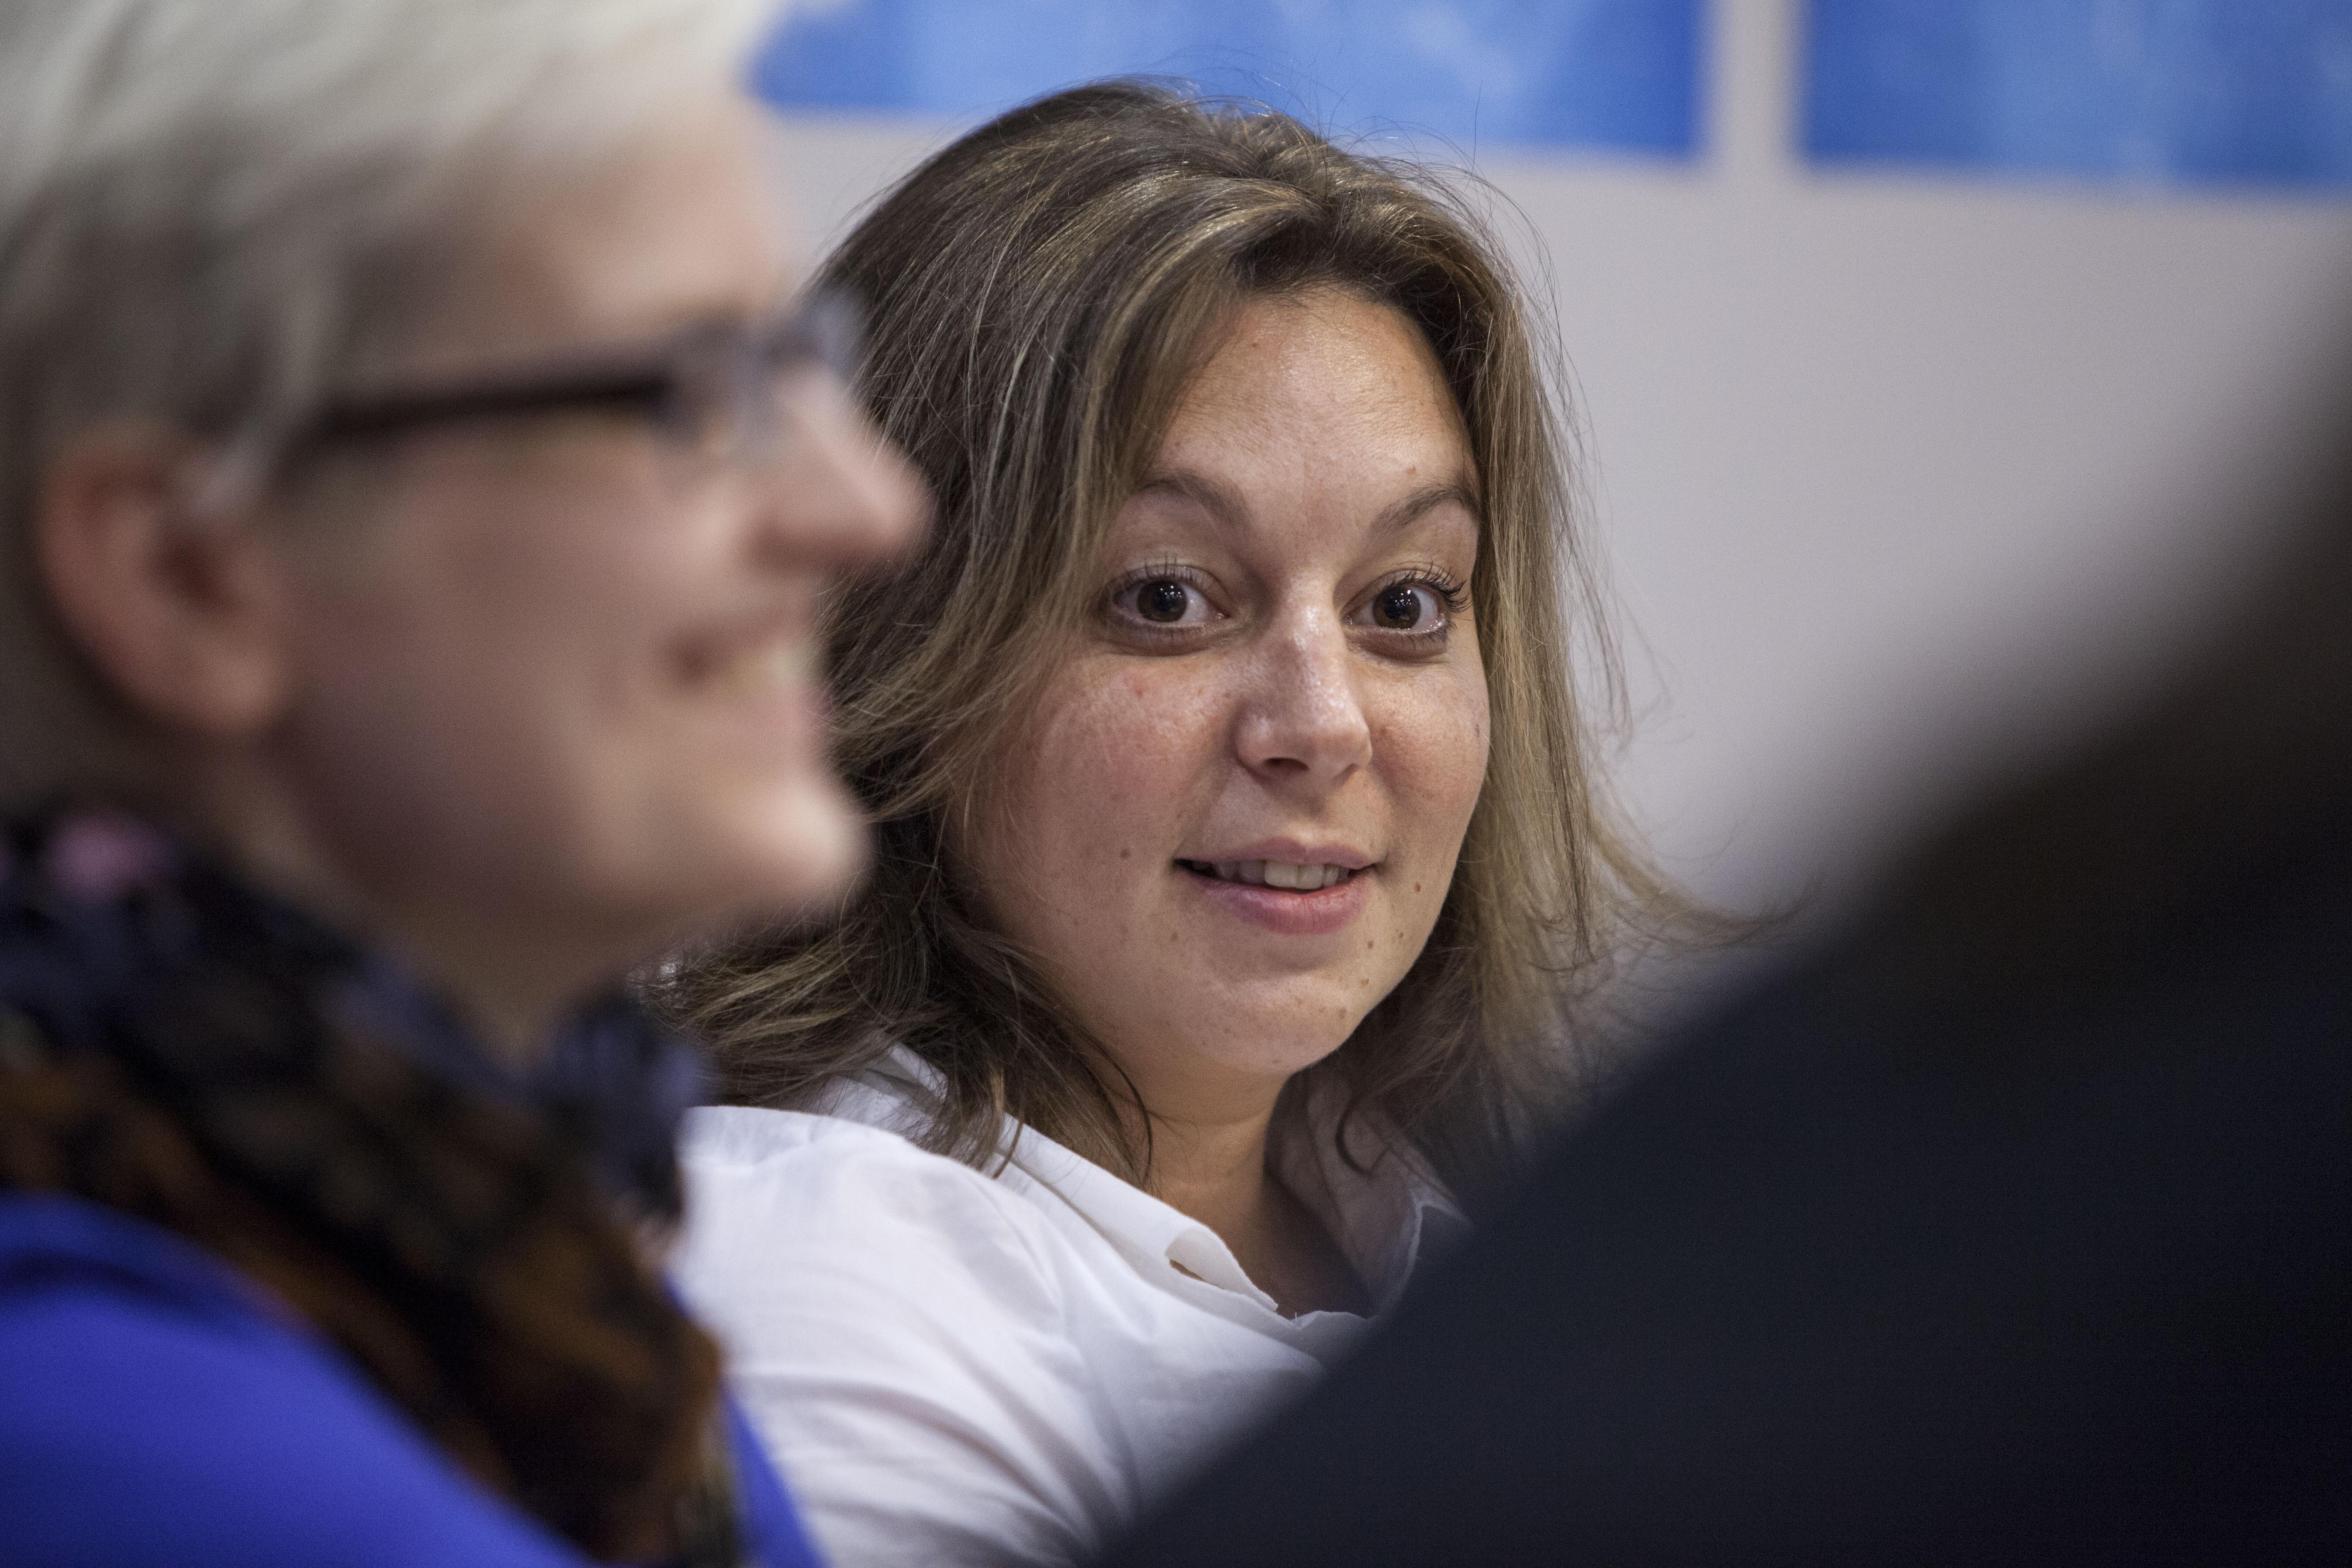 Erika Pogorelc se je izšolala za frizerko. Pri rosnih 26 letih je ugotovila, da jo bolj kot sušilniki las zanimajo računalniki. Dokončala je študij na Fakulteti za računalništvo in informatiko, se za eno leto preselila v Kanado in po vrnitvi domov odkrila